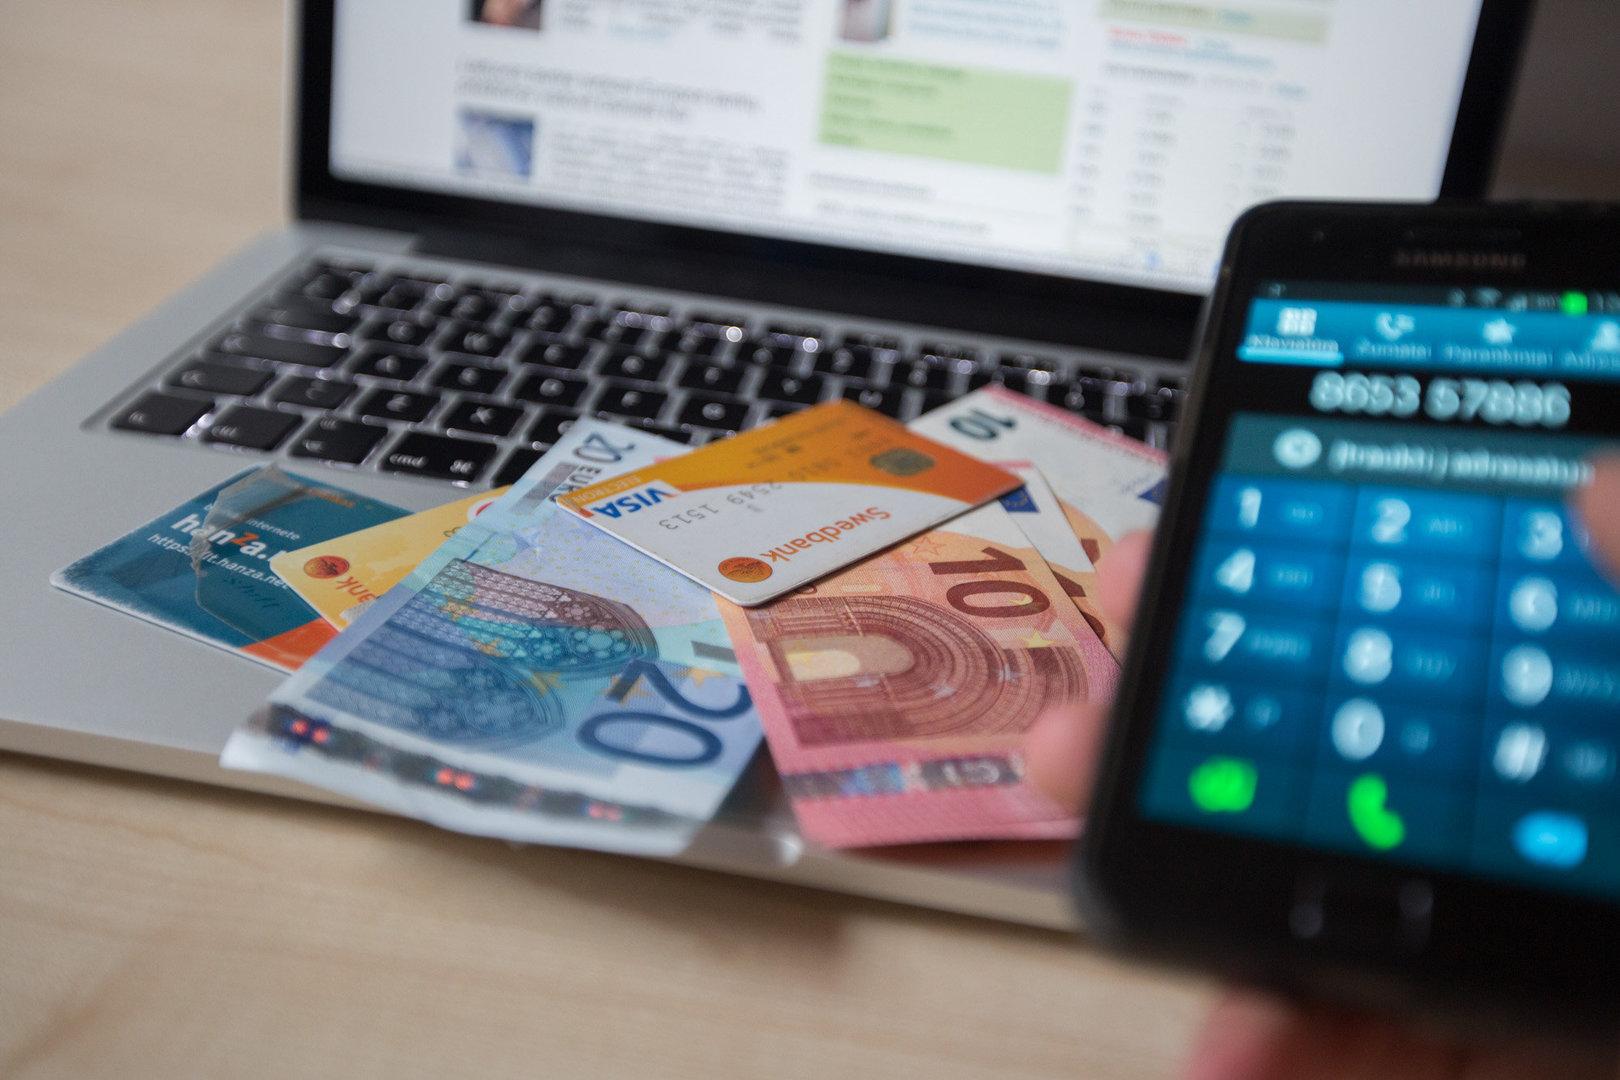 pirkti versti bitkoinus realios galimybės pirkti